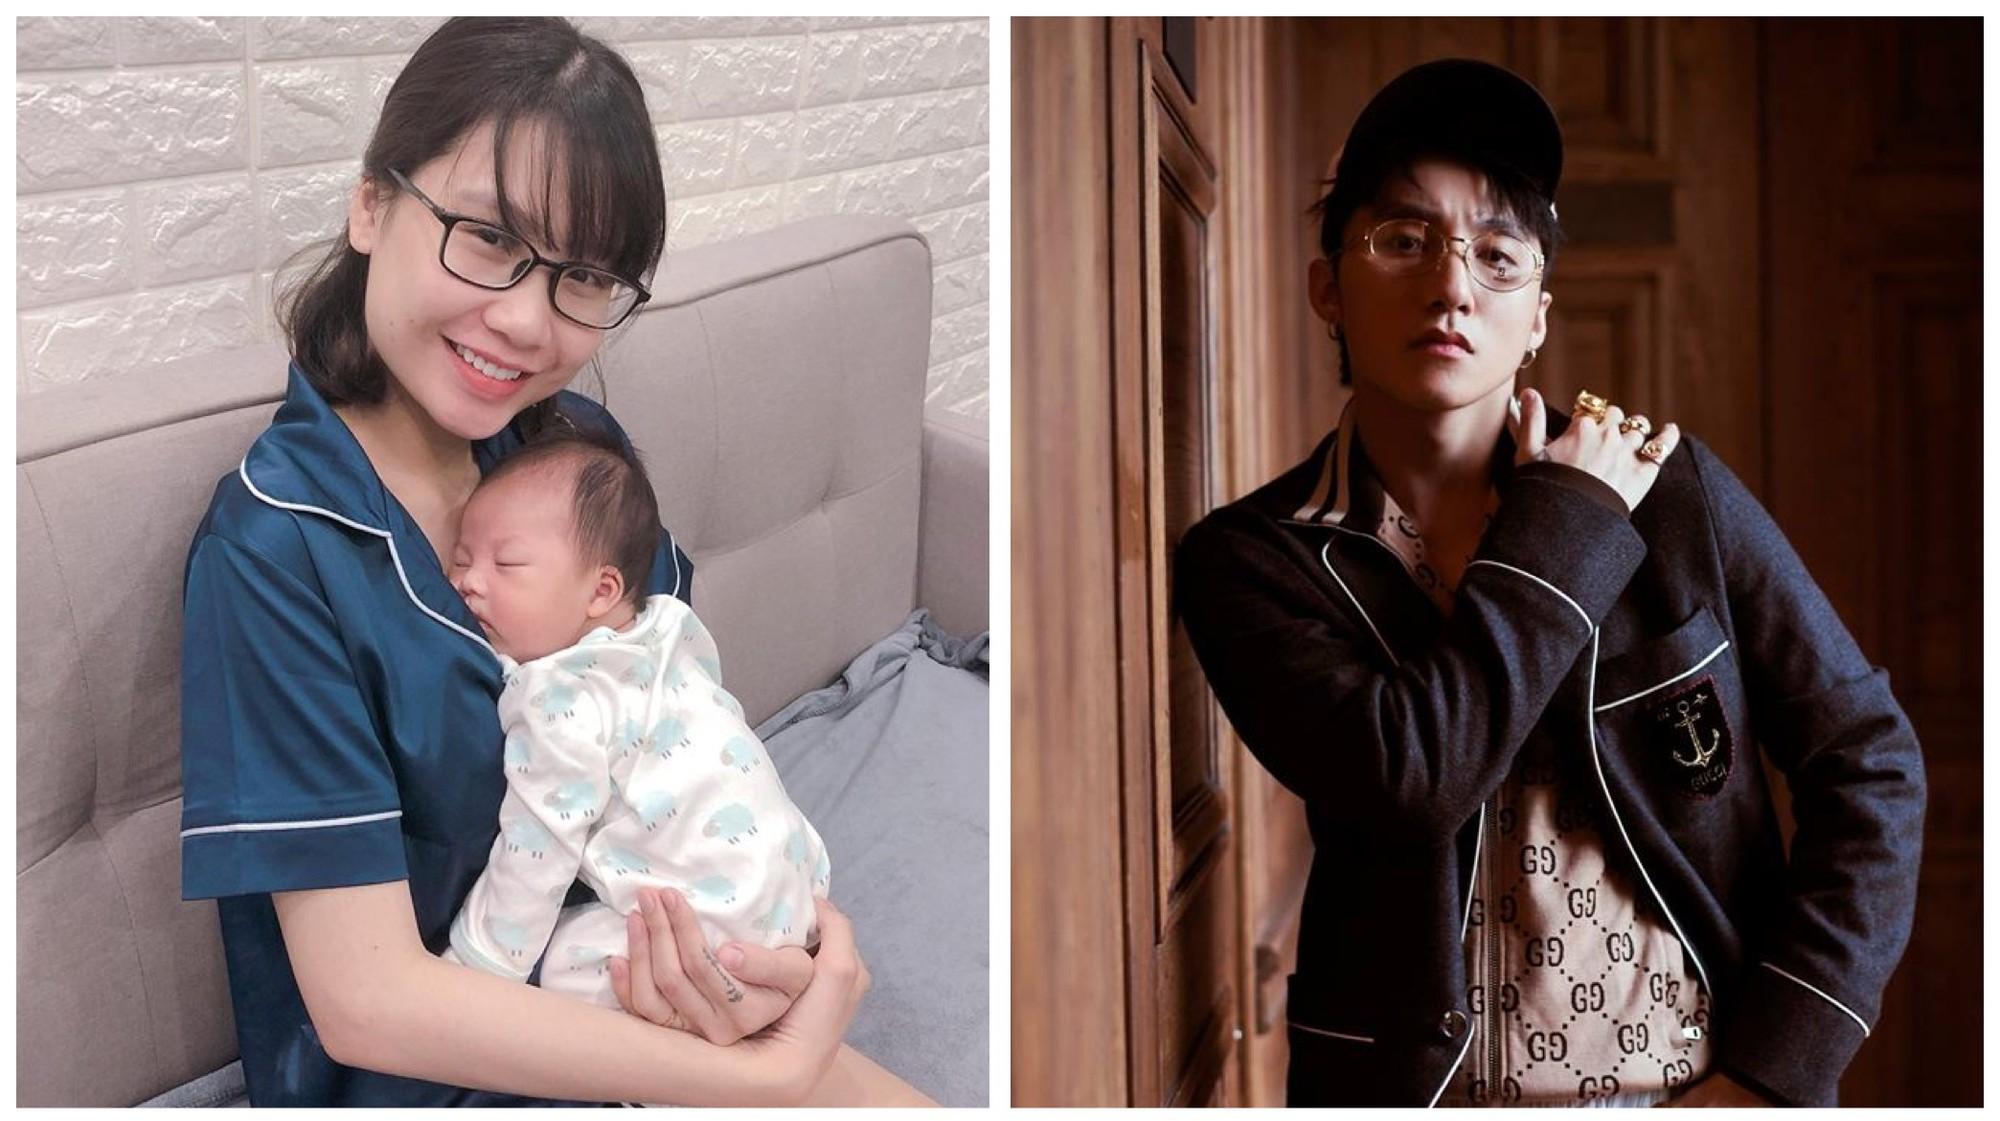 Hot mom 22 tuổi Thanh Trần đã đánh bại Sơn Tùng về lượng followers trên MXH - Ảnh 1.